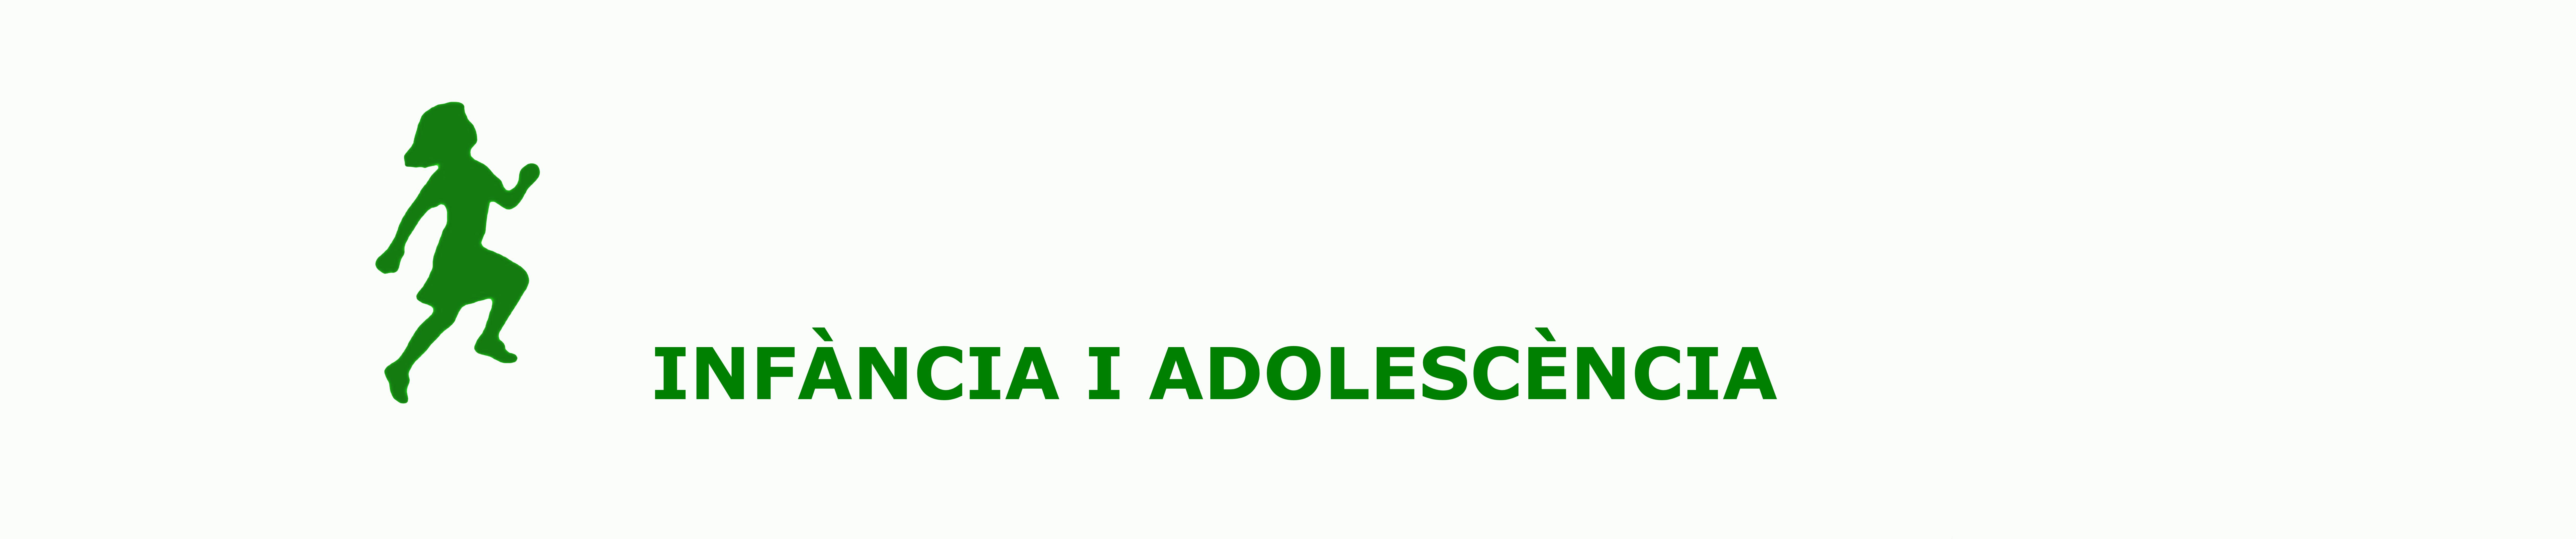 ayudar-estres-INFANCIA-ADLESCENCIA-quiropracticlolivera